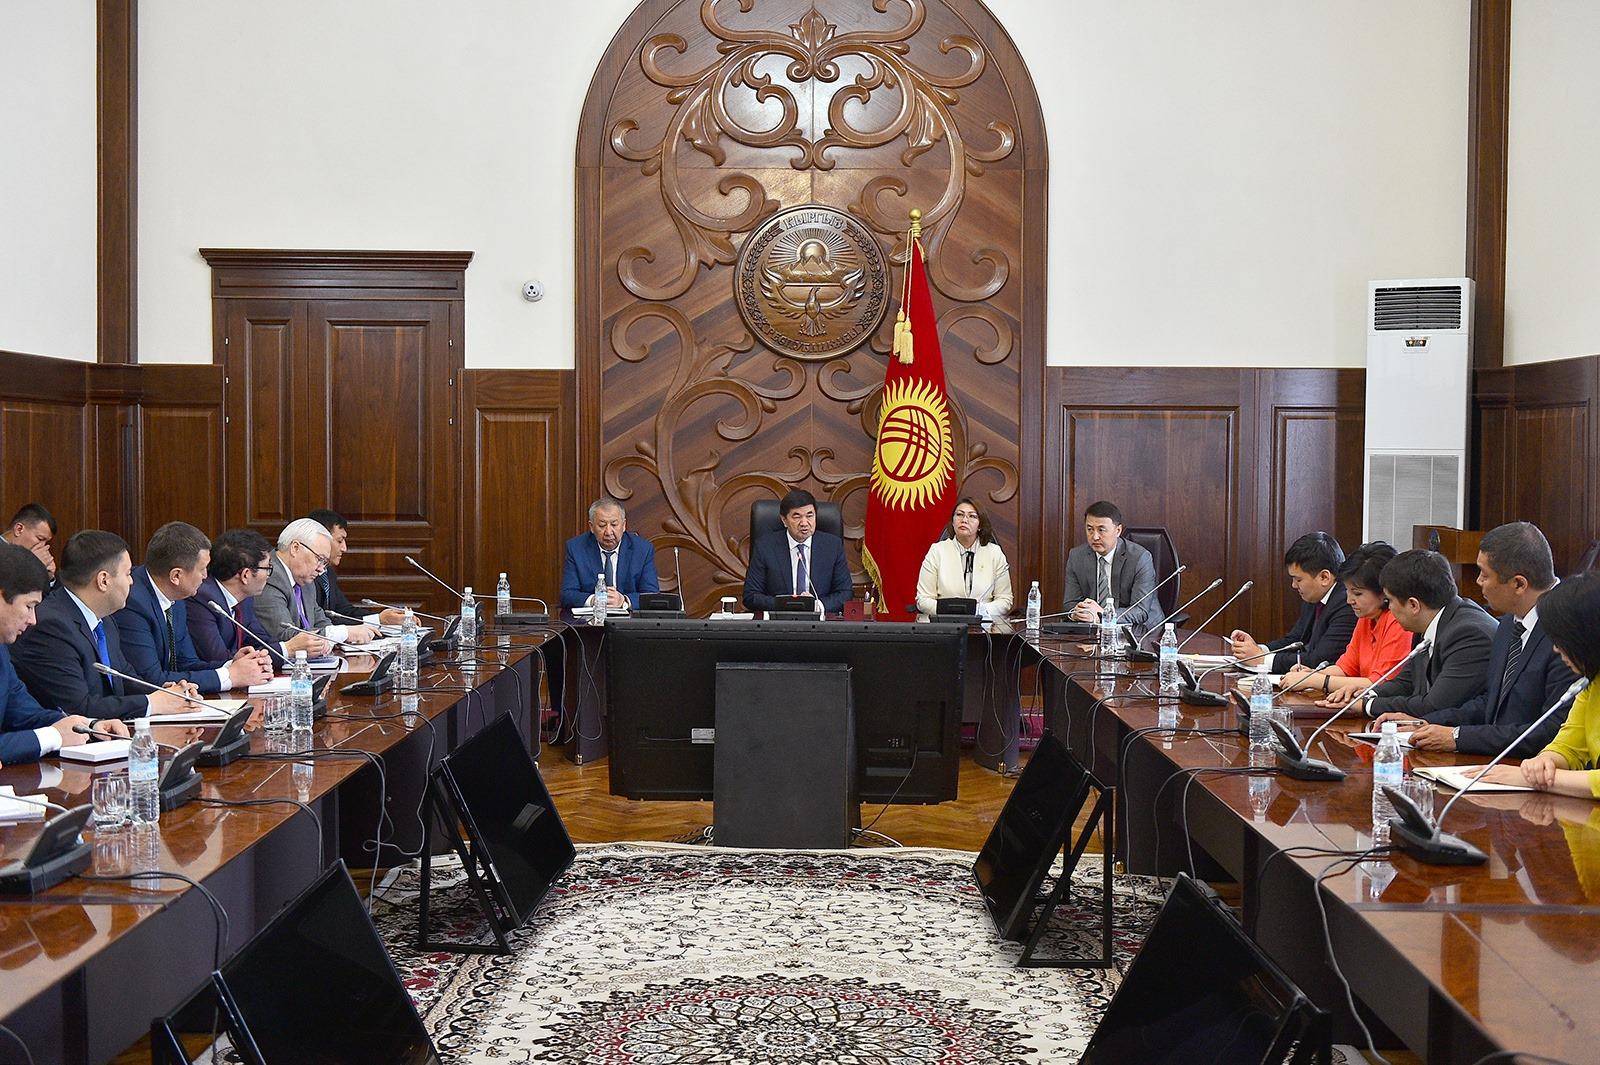 Өкмөттү  алмаштыруу үчүн  министрлер кабинетин түзүү аракети башталды